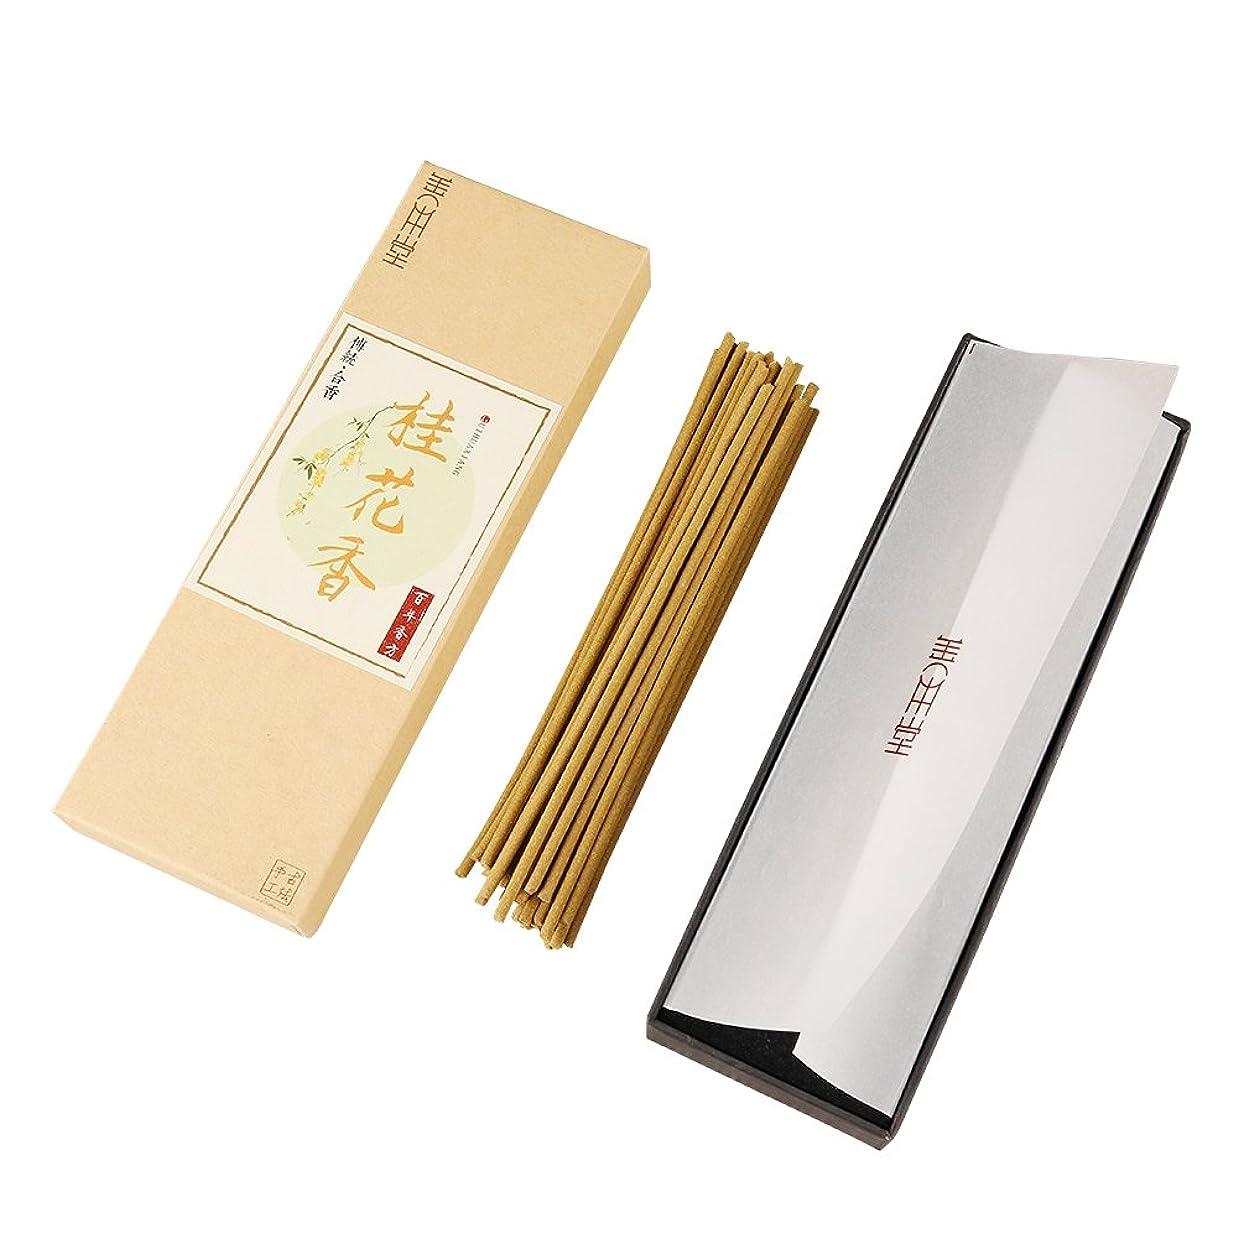 不安定枯れる推進力shanbentang Incense Sticks、純粋な自然手作りお香、sweet-scented Osmanthus 's Fragrance、プレミアム品質(5.5?in/50?sticks)